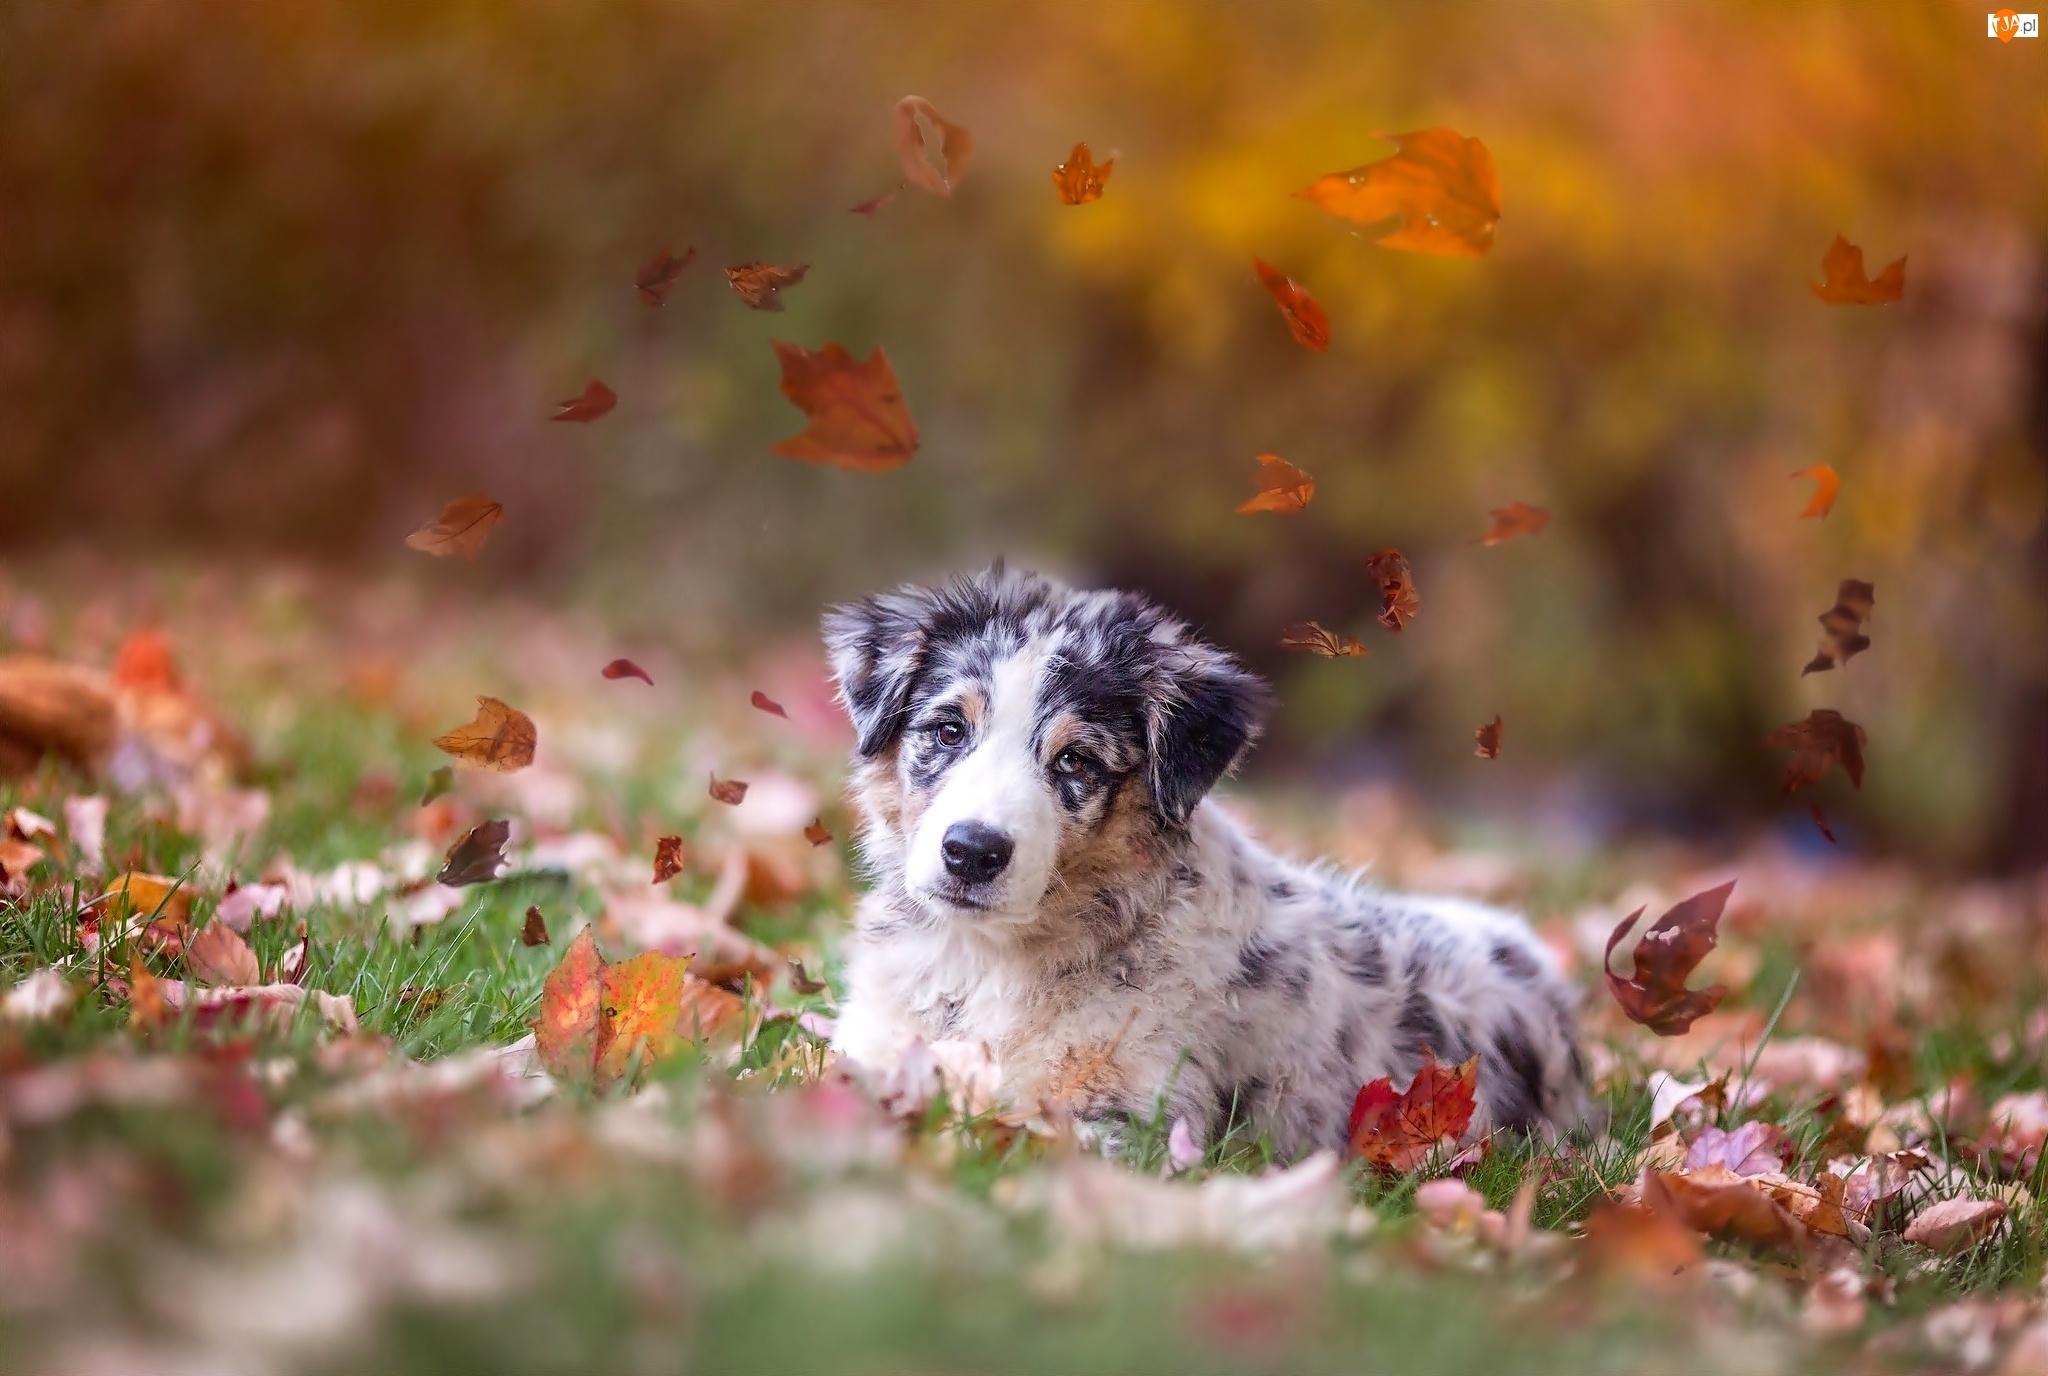 Jesienne, Australijski, Pies, Jesień, Liście, Owczarek, Spojrzenie